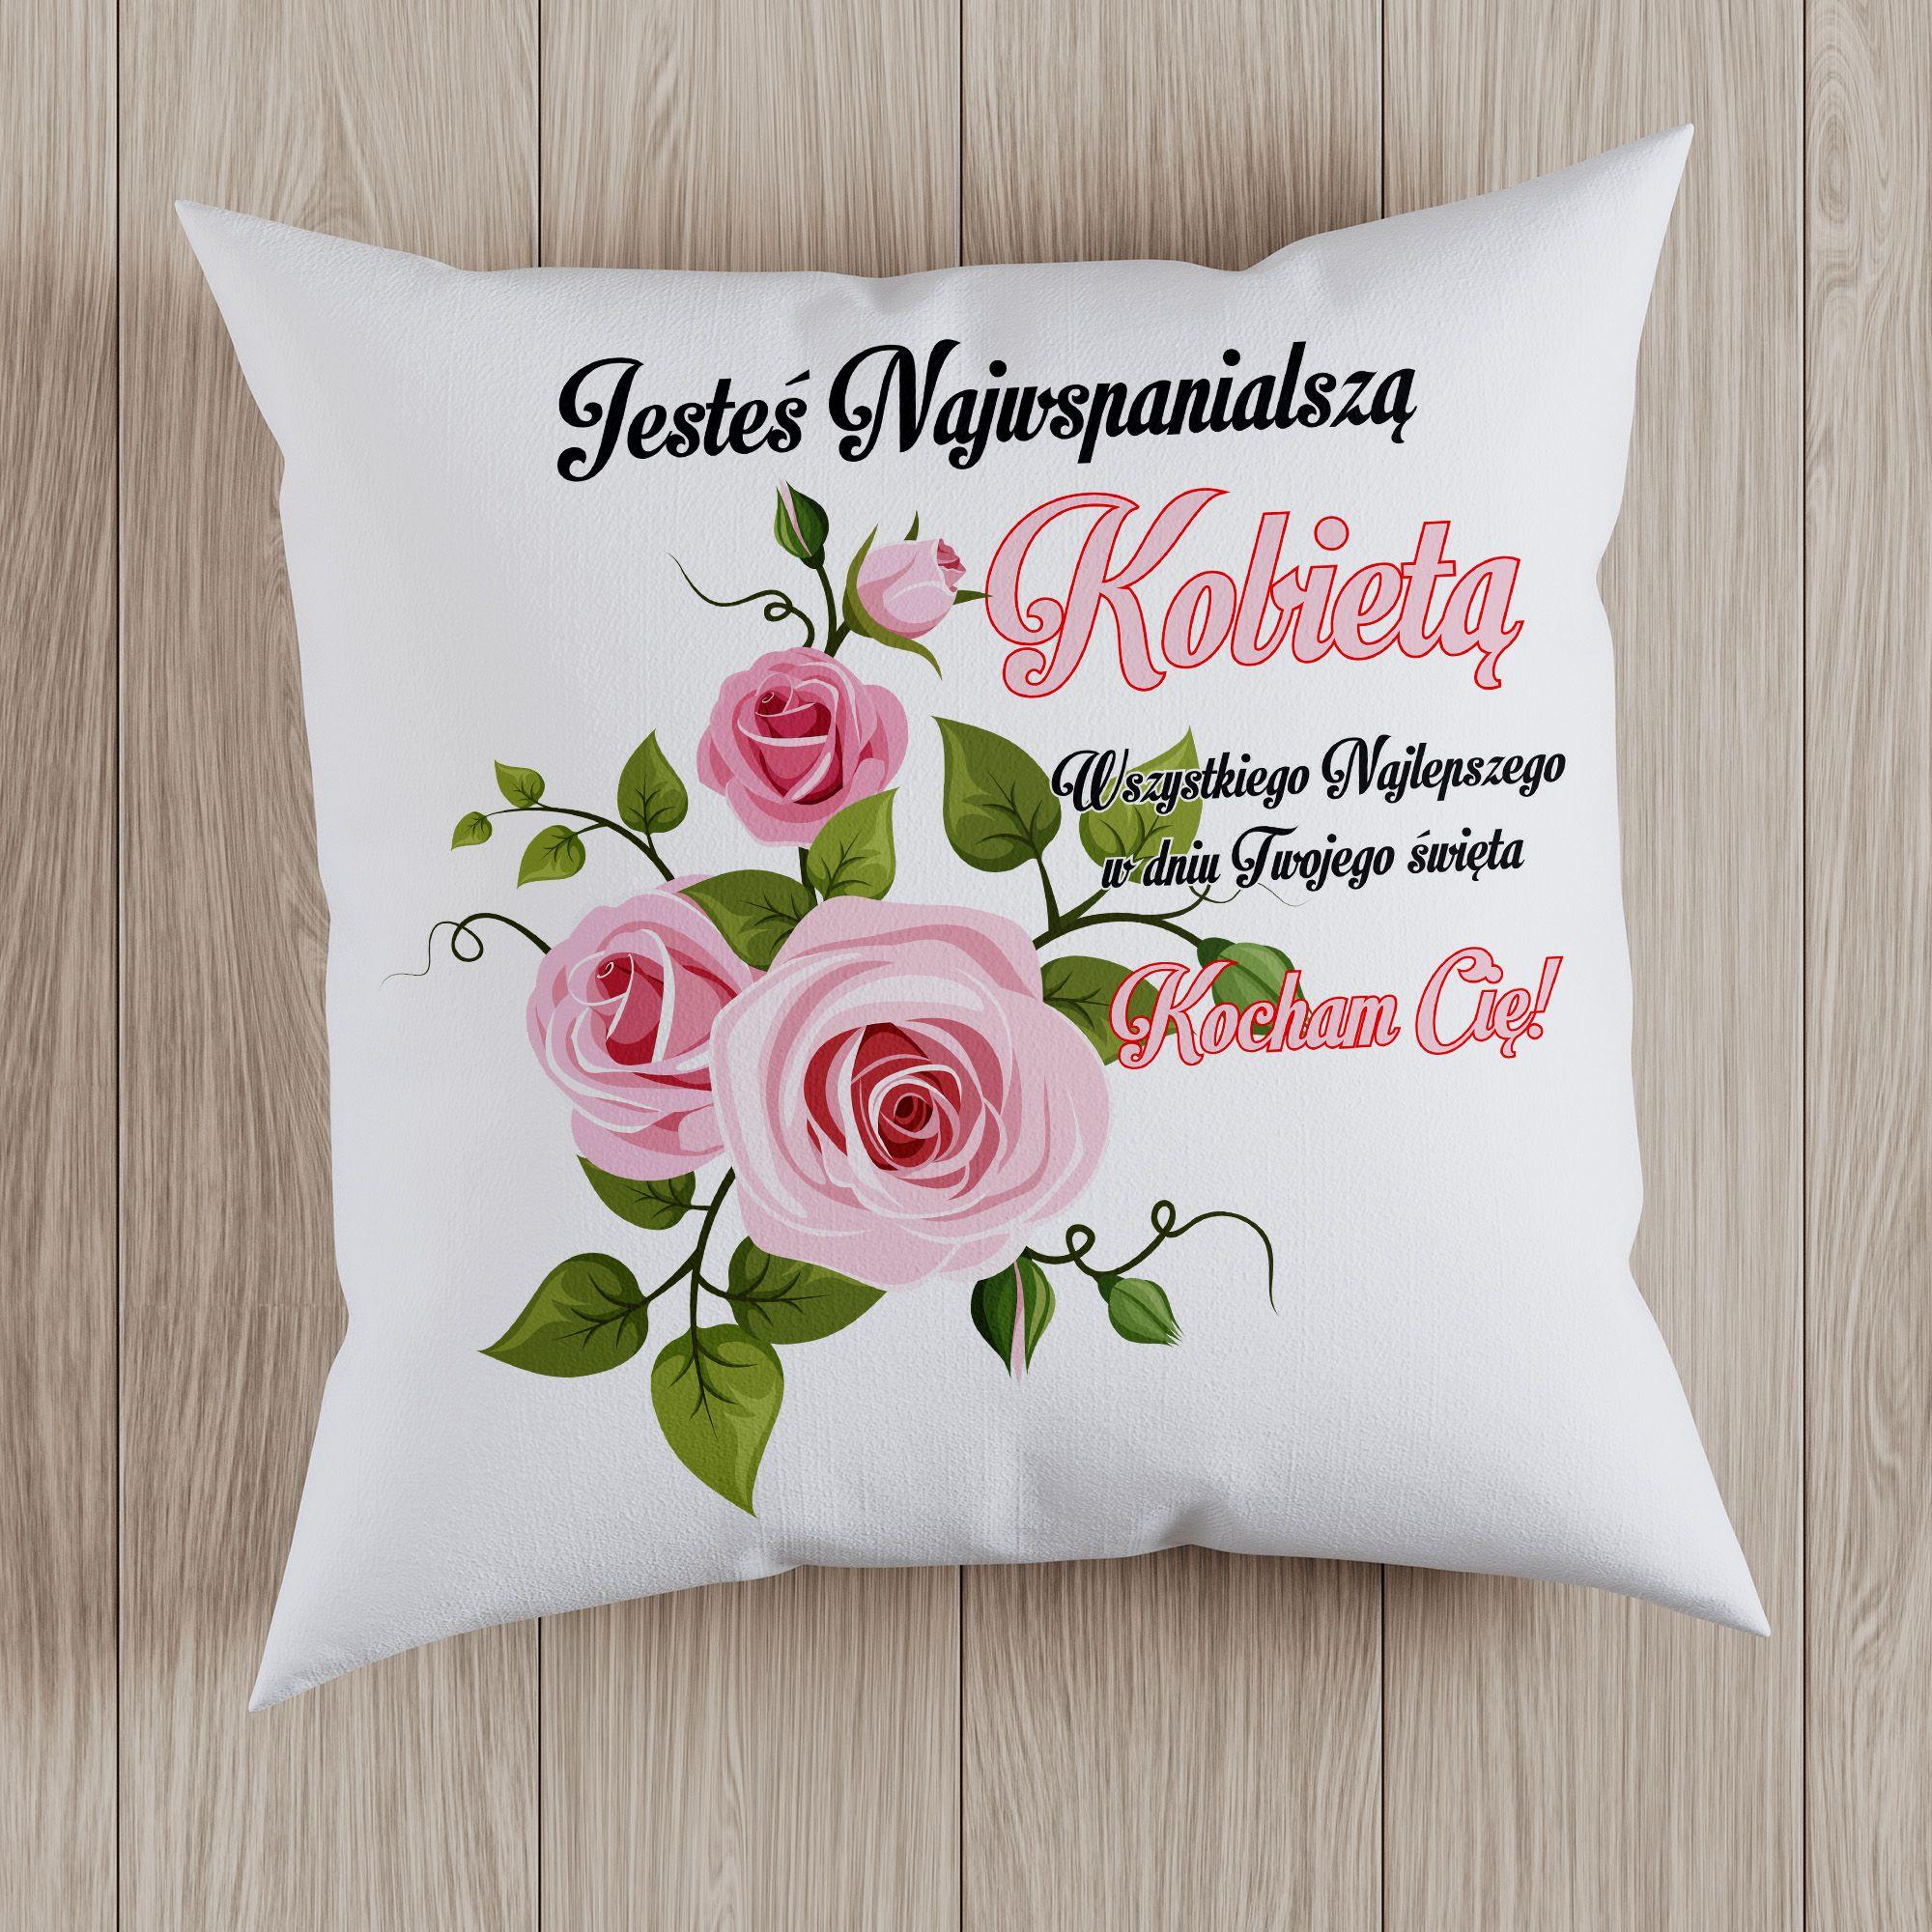 Jestes Najwspanialsza Kobieta Poduszka Poczpol Pl Throw Pillows Pillows Bed